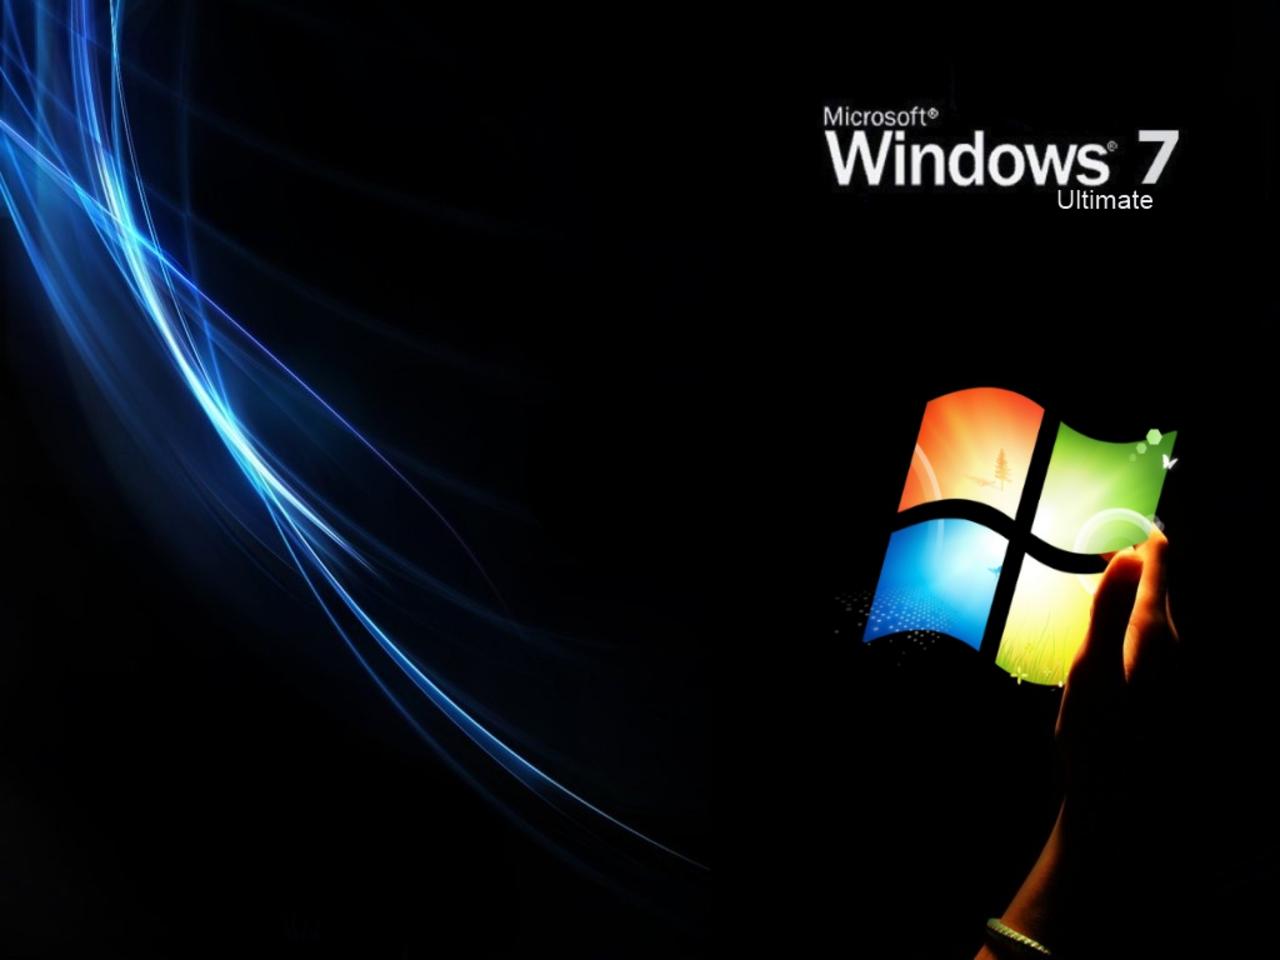 http://2.bp.blogspot.com/-0ADiVH-GauM/TnkYwHtV7iI/AAAAAAAAAuI/aecDjYFZuBo/s1600/windows_7_Ultimate.jpg